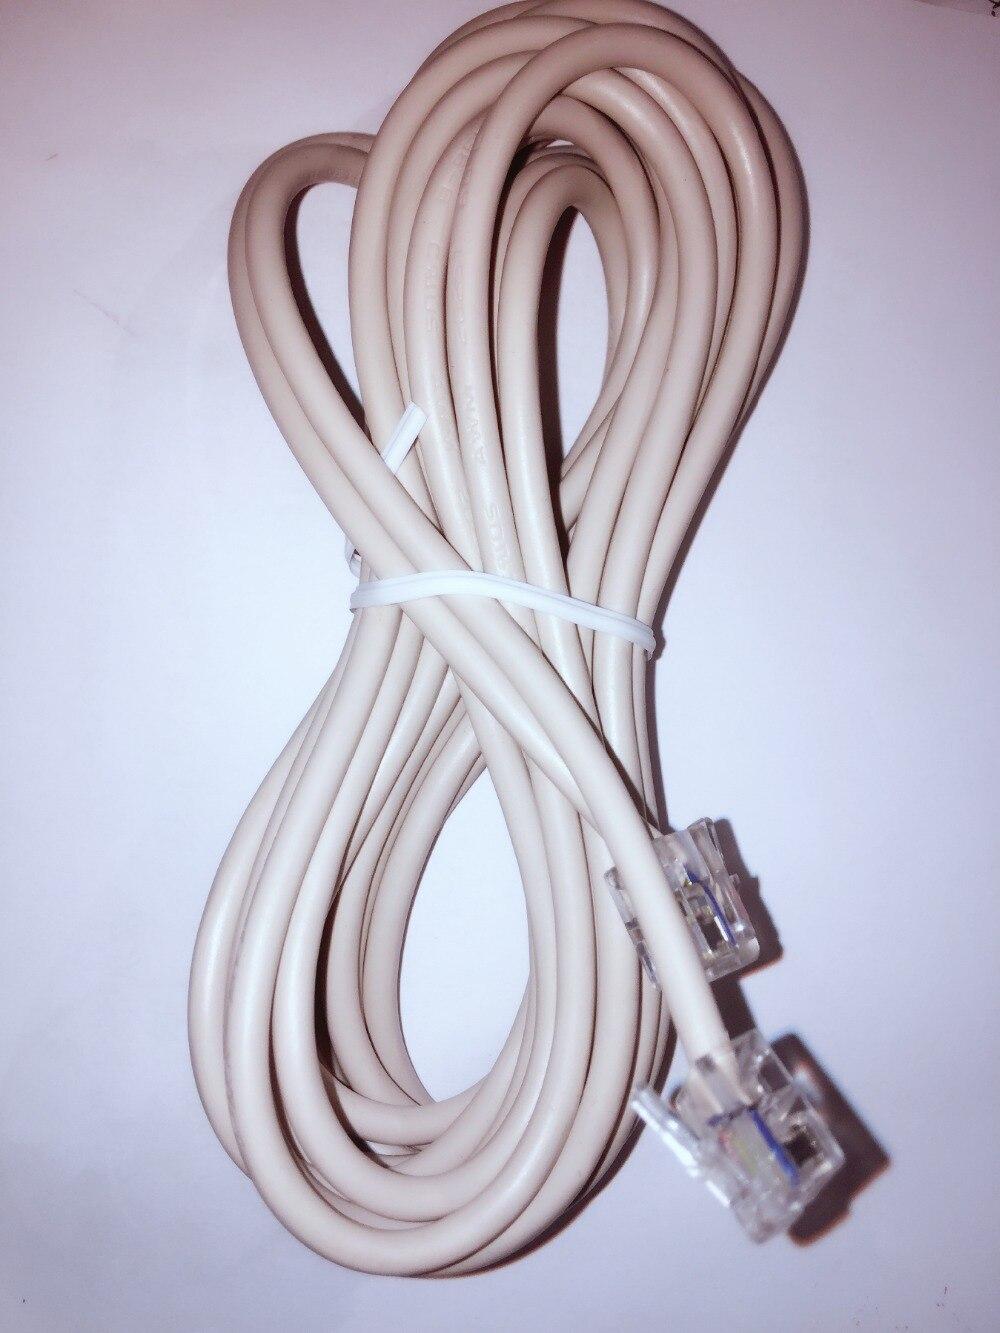 Ausgezeichnet Telefonkabel Kabelschema 6 Galerie - Elektrische ...